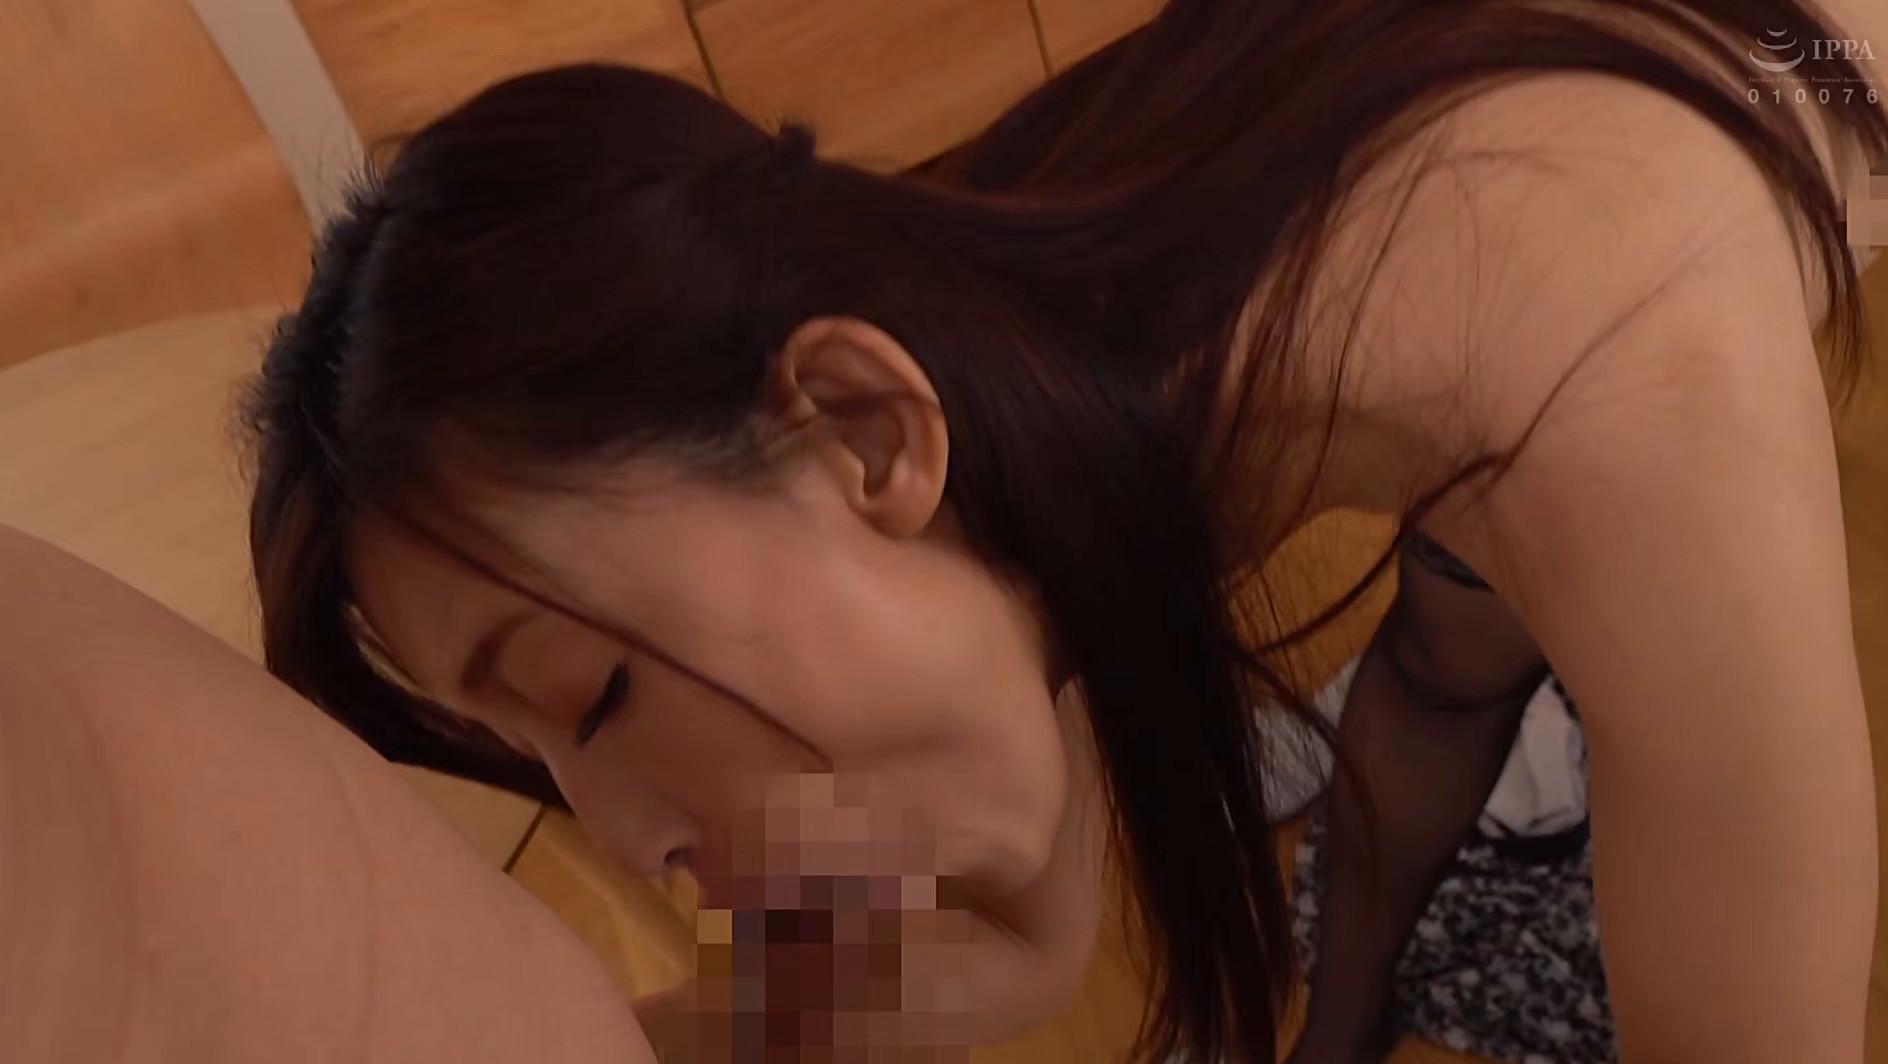 お義母さん、にょっ女房よりずっといいよ・・・ 並木塔子,のサンプル画像25